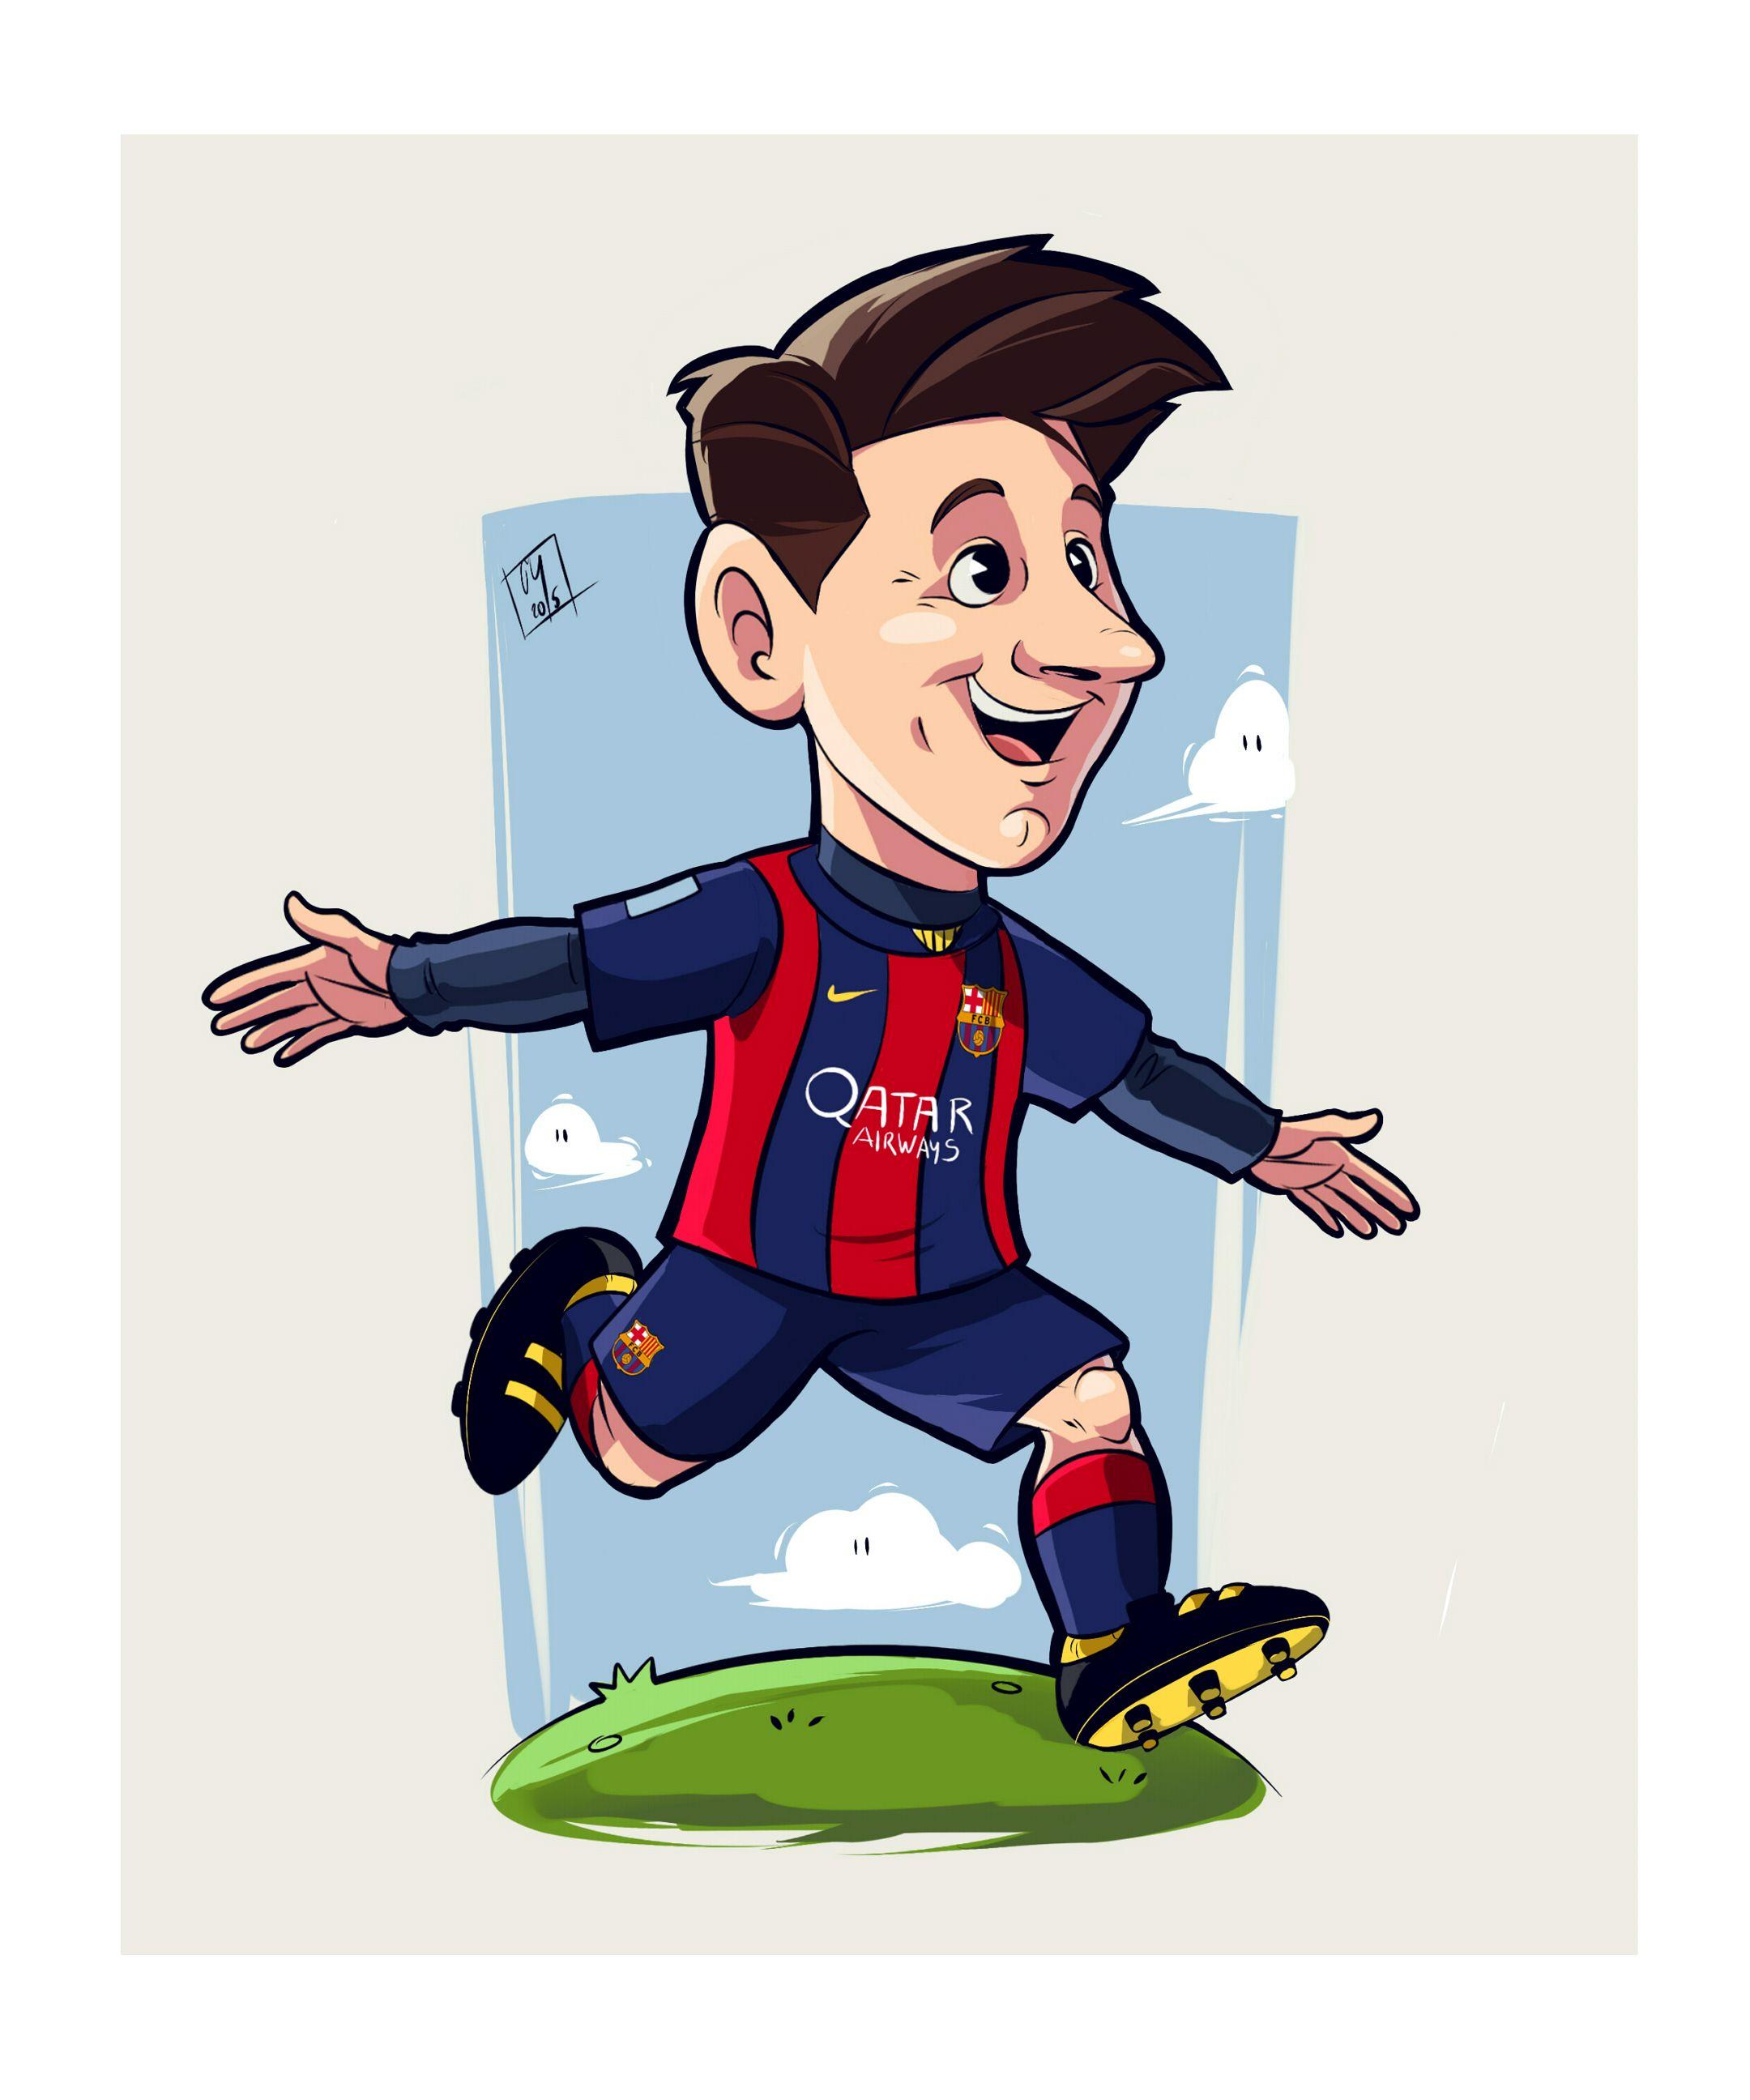 Dibujos De Messi : dibujos, messi, Messi, Tribute, (JuanCharles), Dibujo,, Dibujo, Jugador, Fútbol,, Fotos